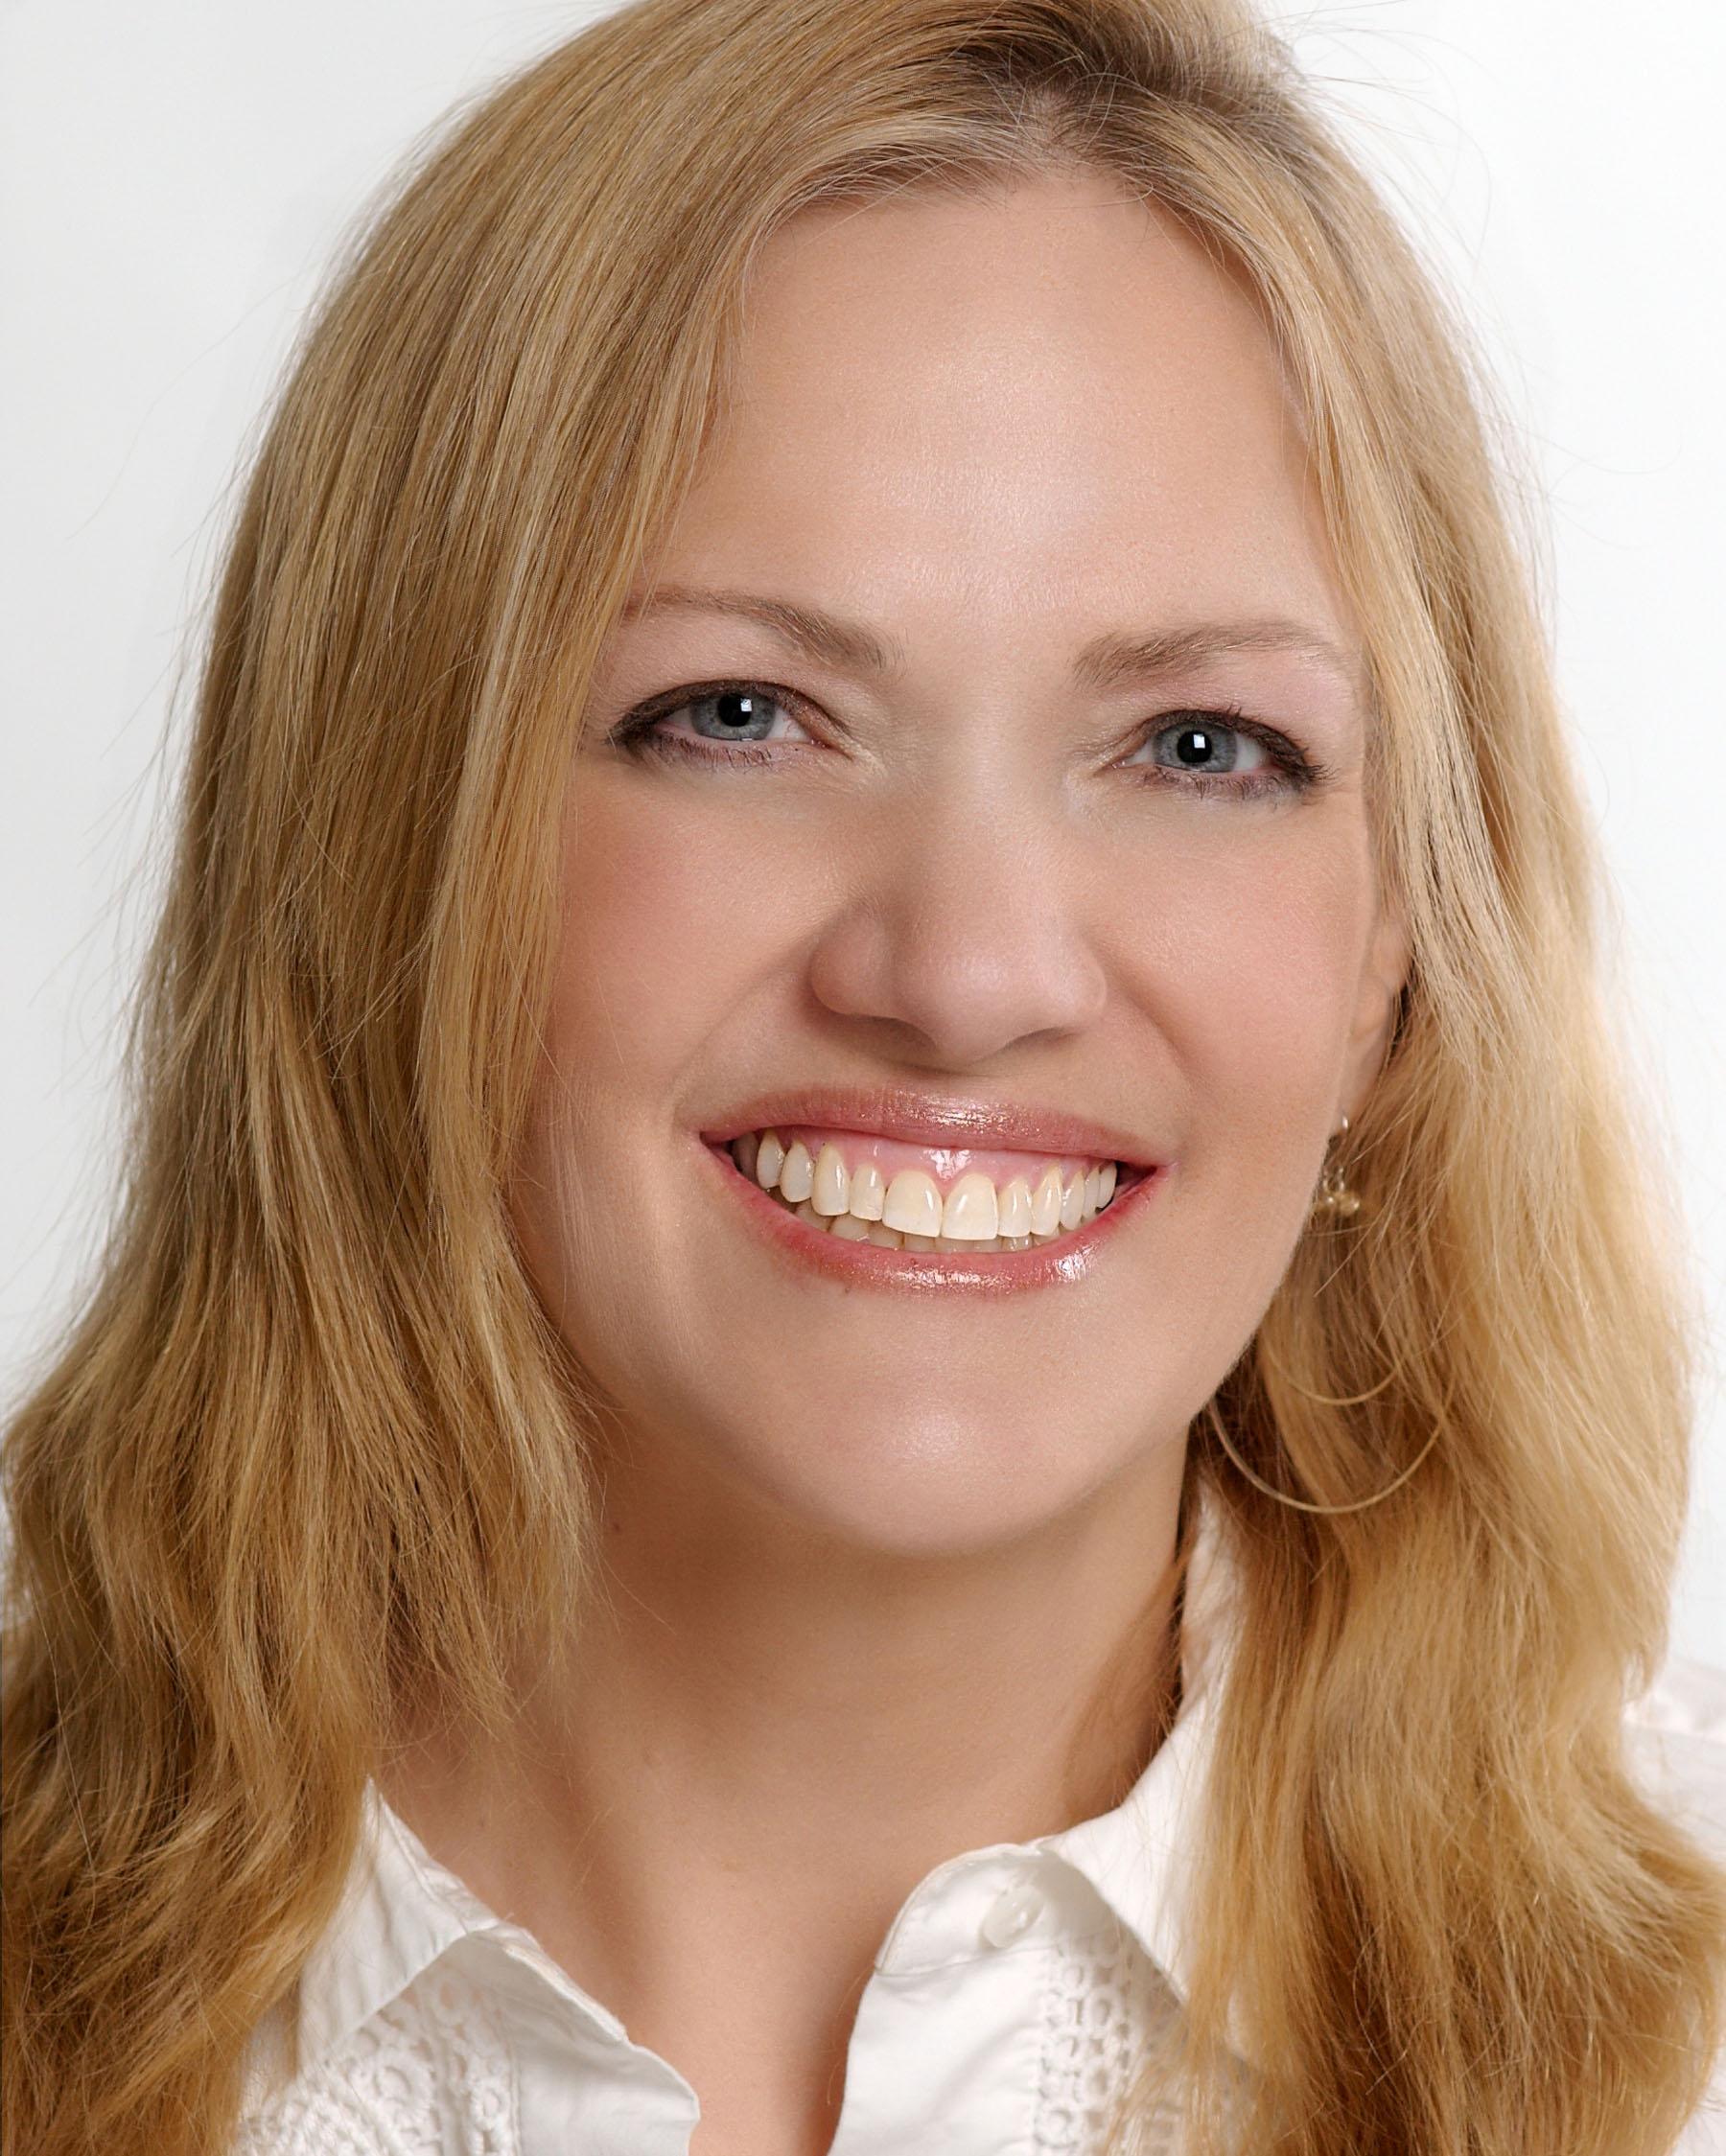 Lori Ruff, The LinkedIn Diva turns 50